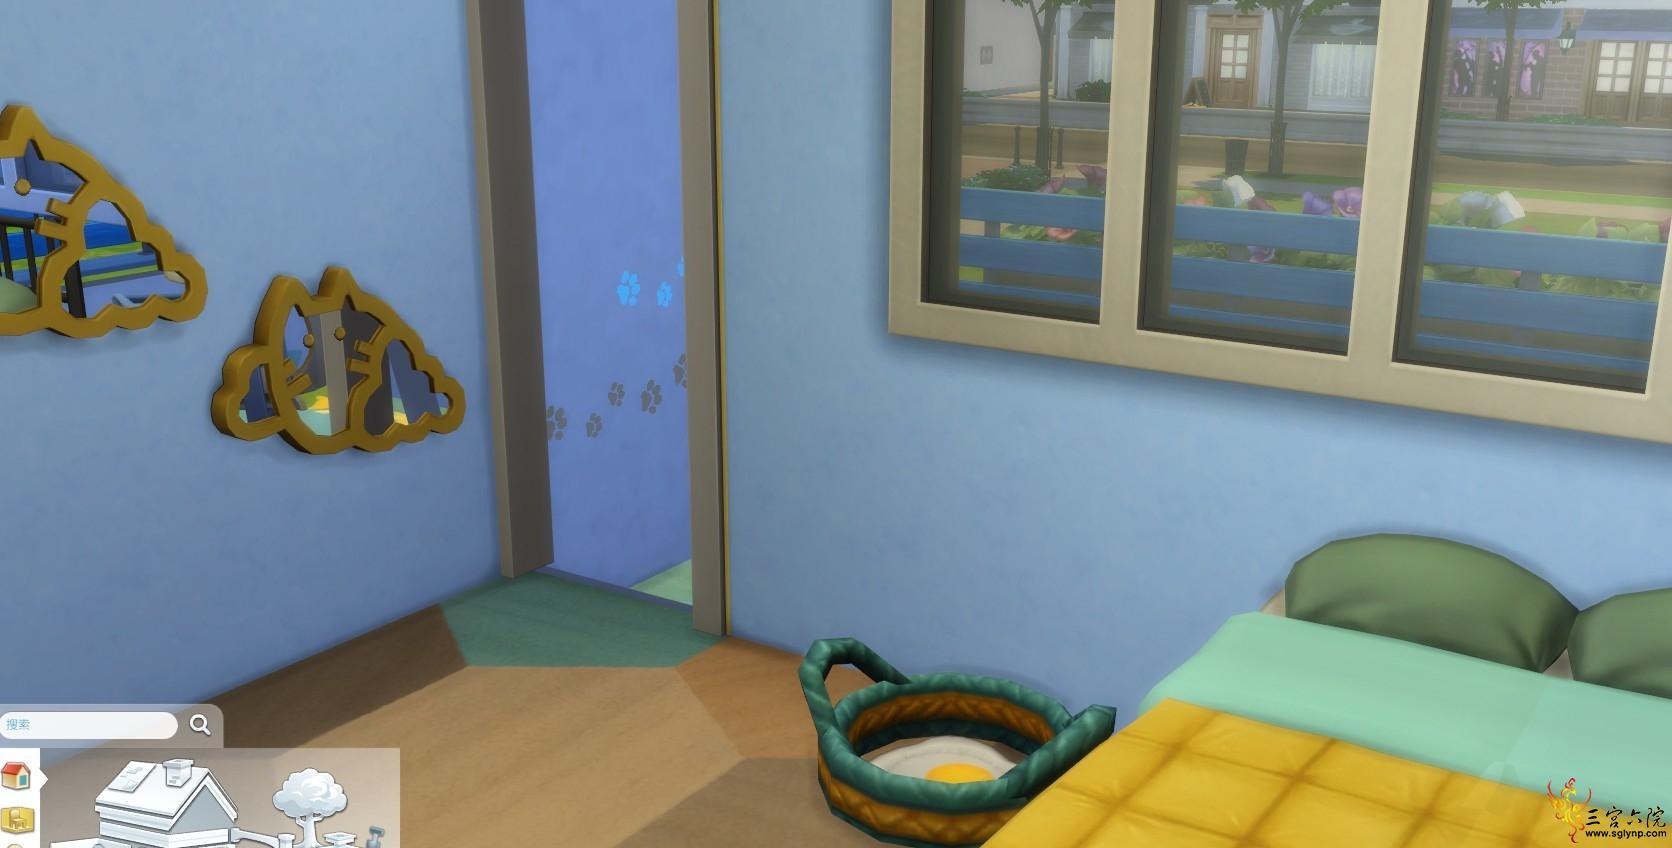 二楼喵喵睡觉的篮子和床.png